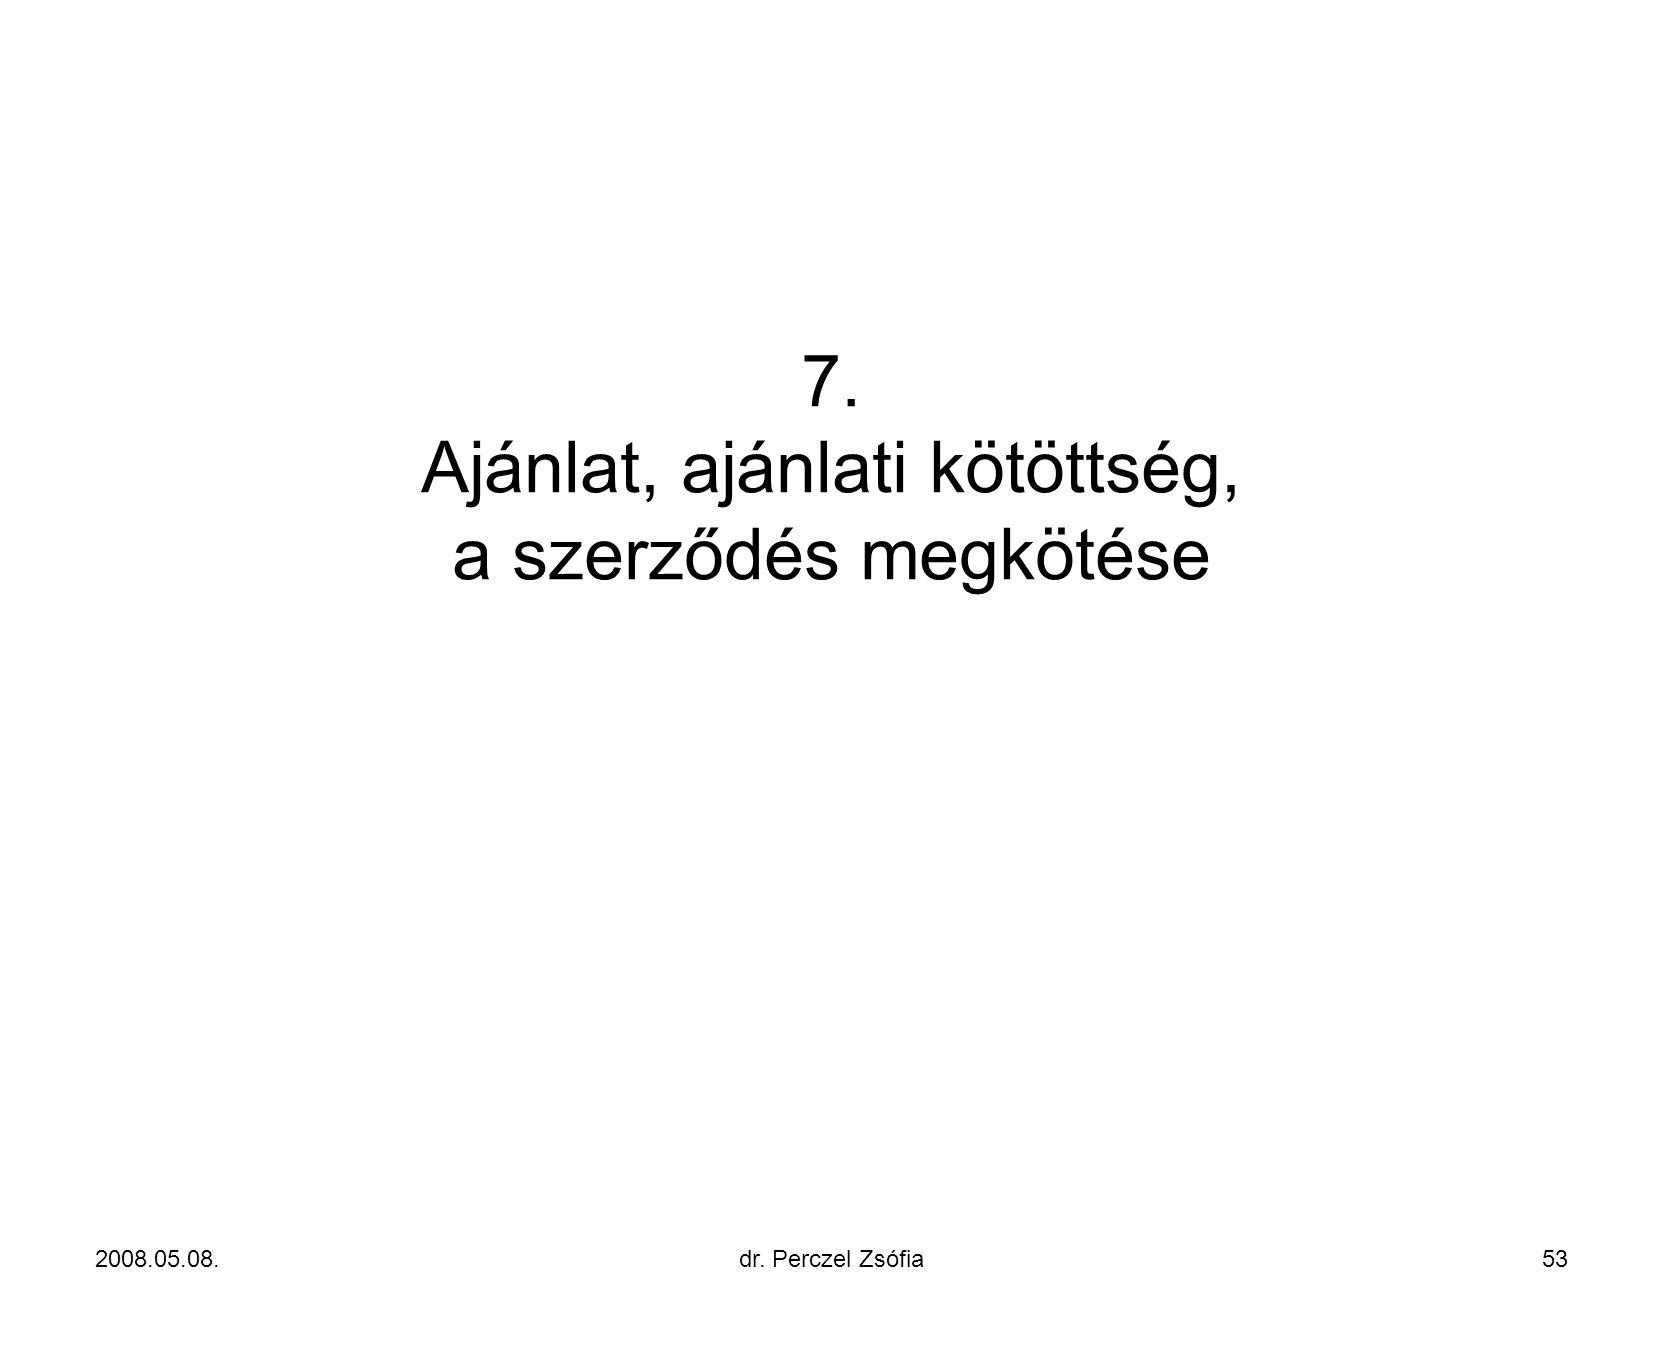 7. Ajánlat, ajánlati kötöttség, a szerződés megkötése